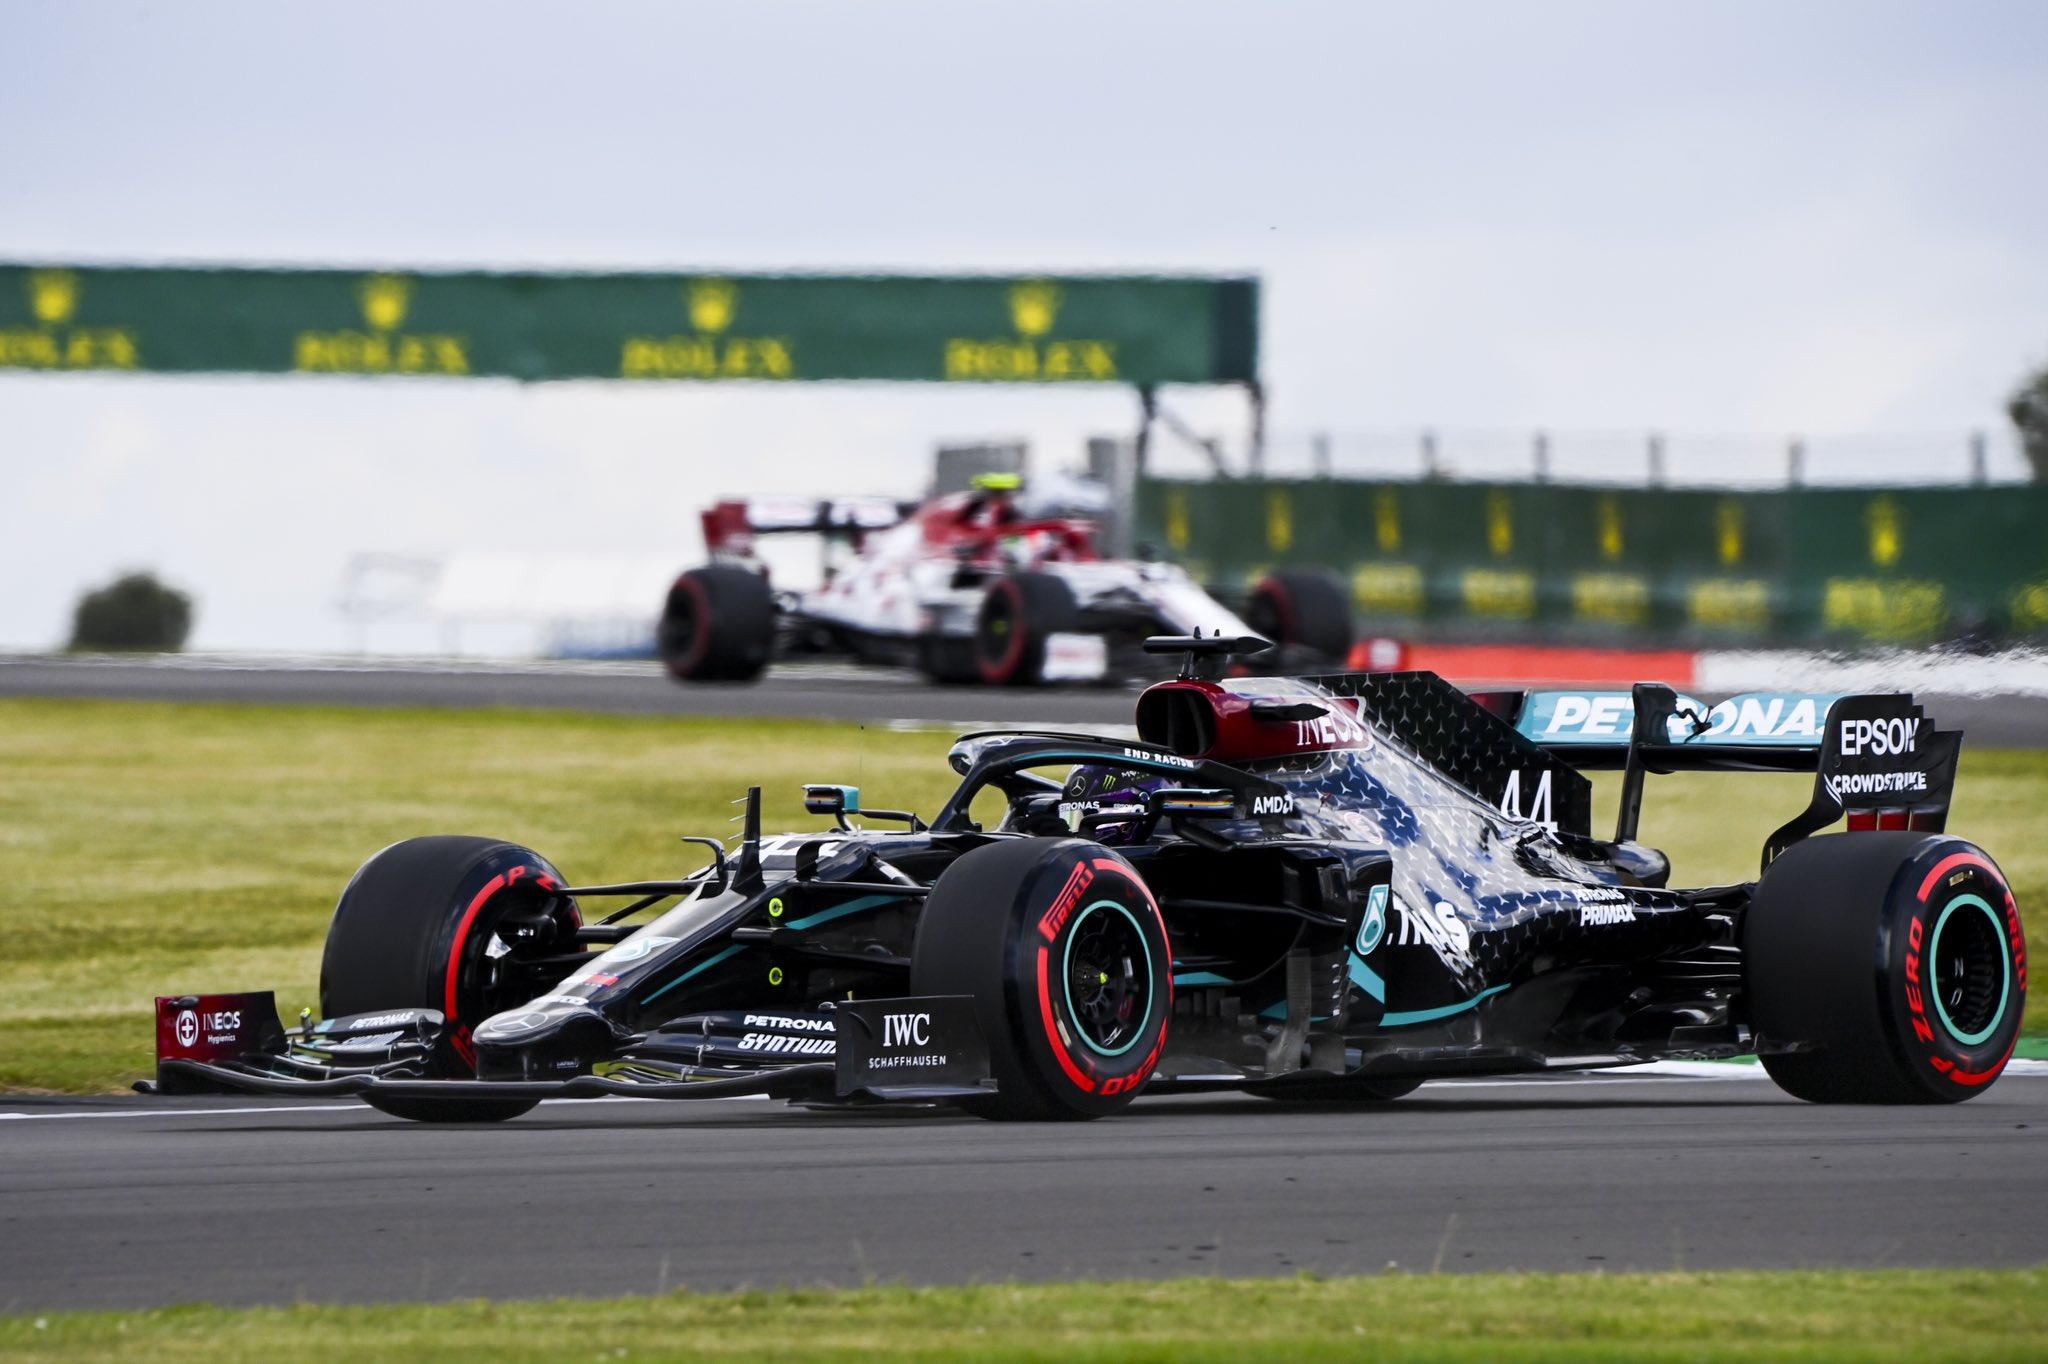 Hamilton mène un doublé Mercedes en qualifications à Silverstone 1